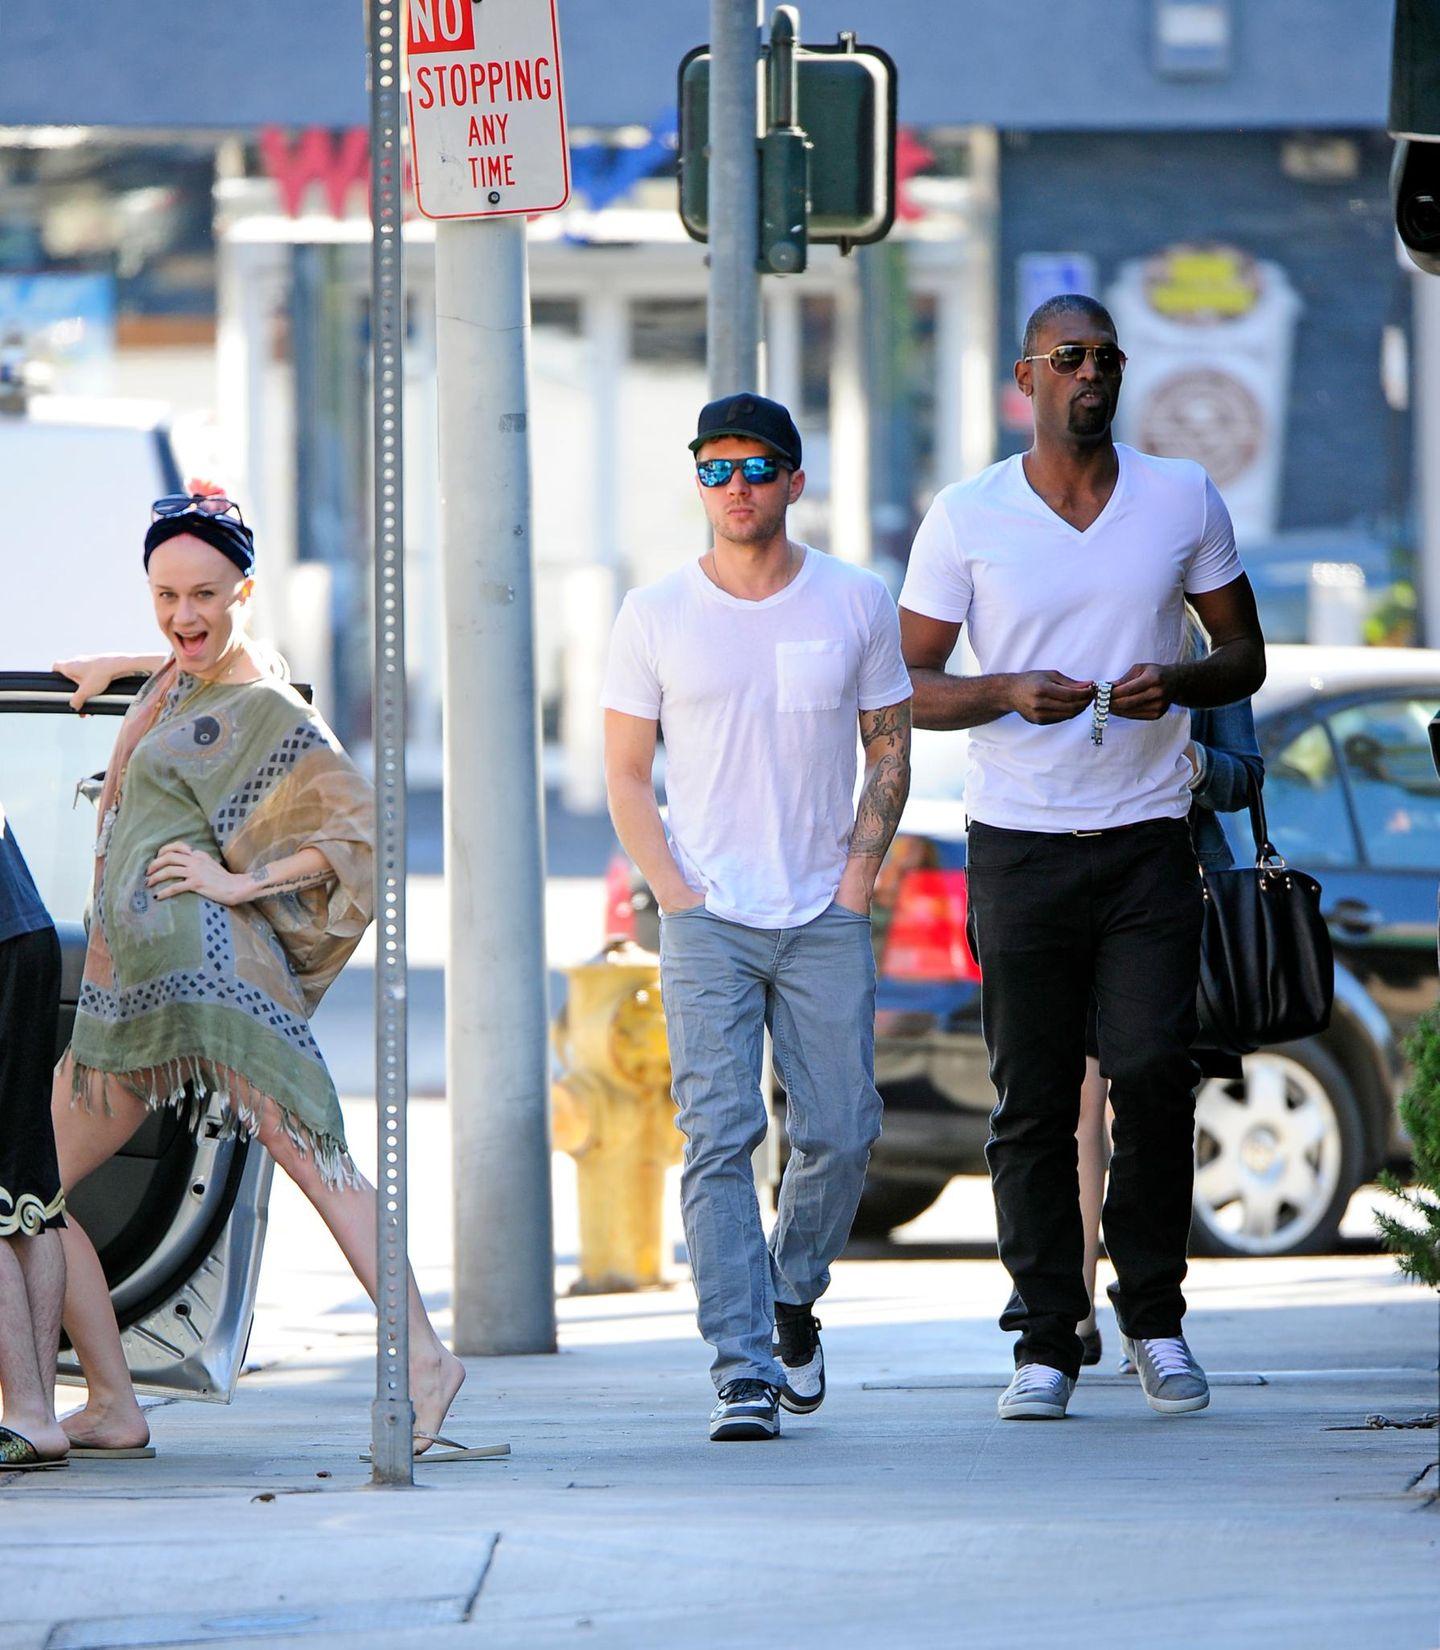 16. Januar 2014: Wenn Passanten die Stars fotobomben: Ryan Phillippe ist mit einem Freund in West Hollywood unterwegs, als eine Frau sich in Pose für die Paparazzi wirft.